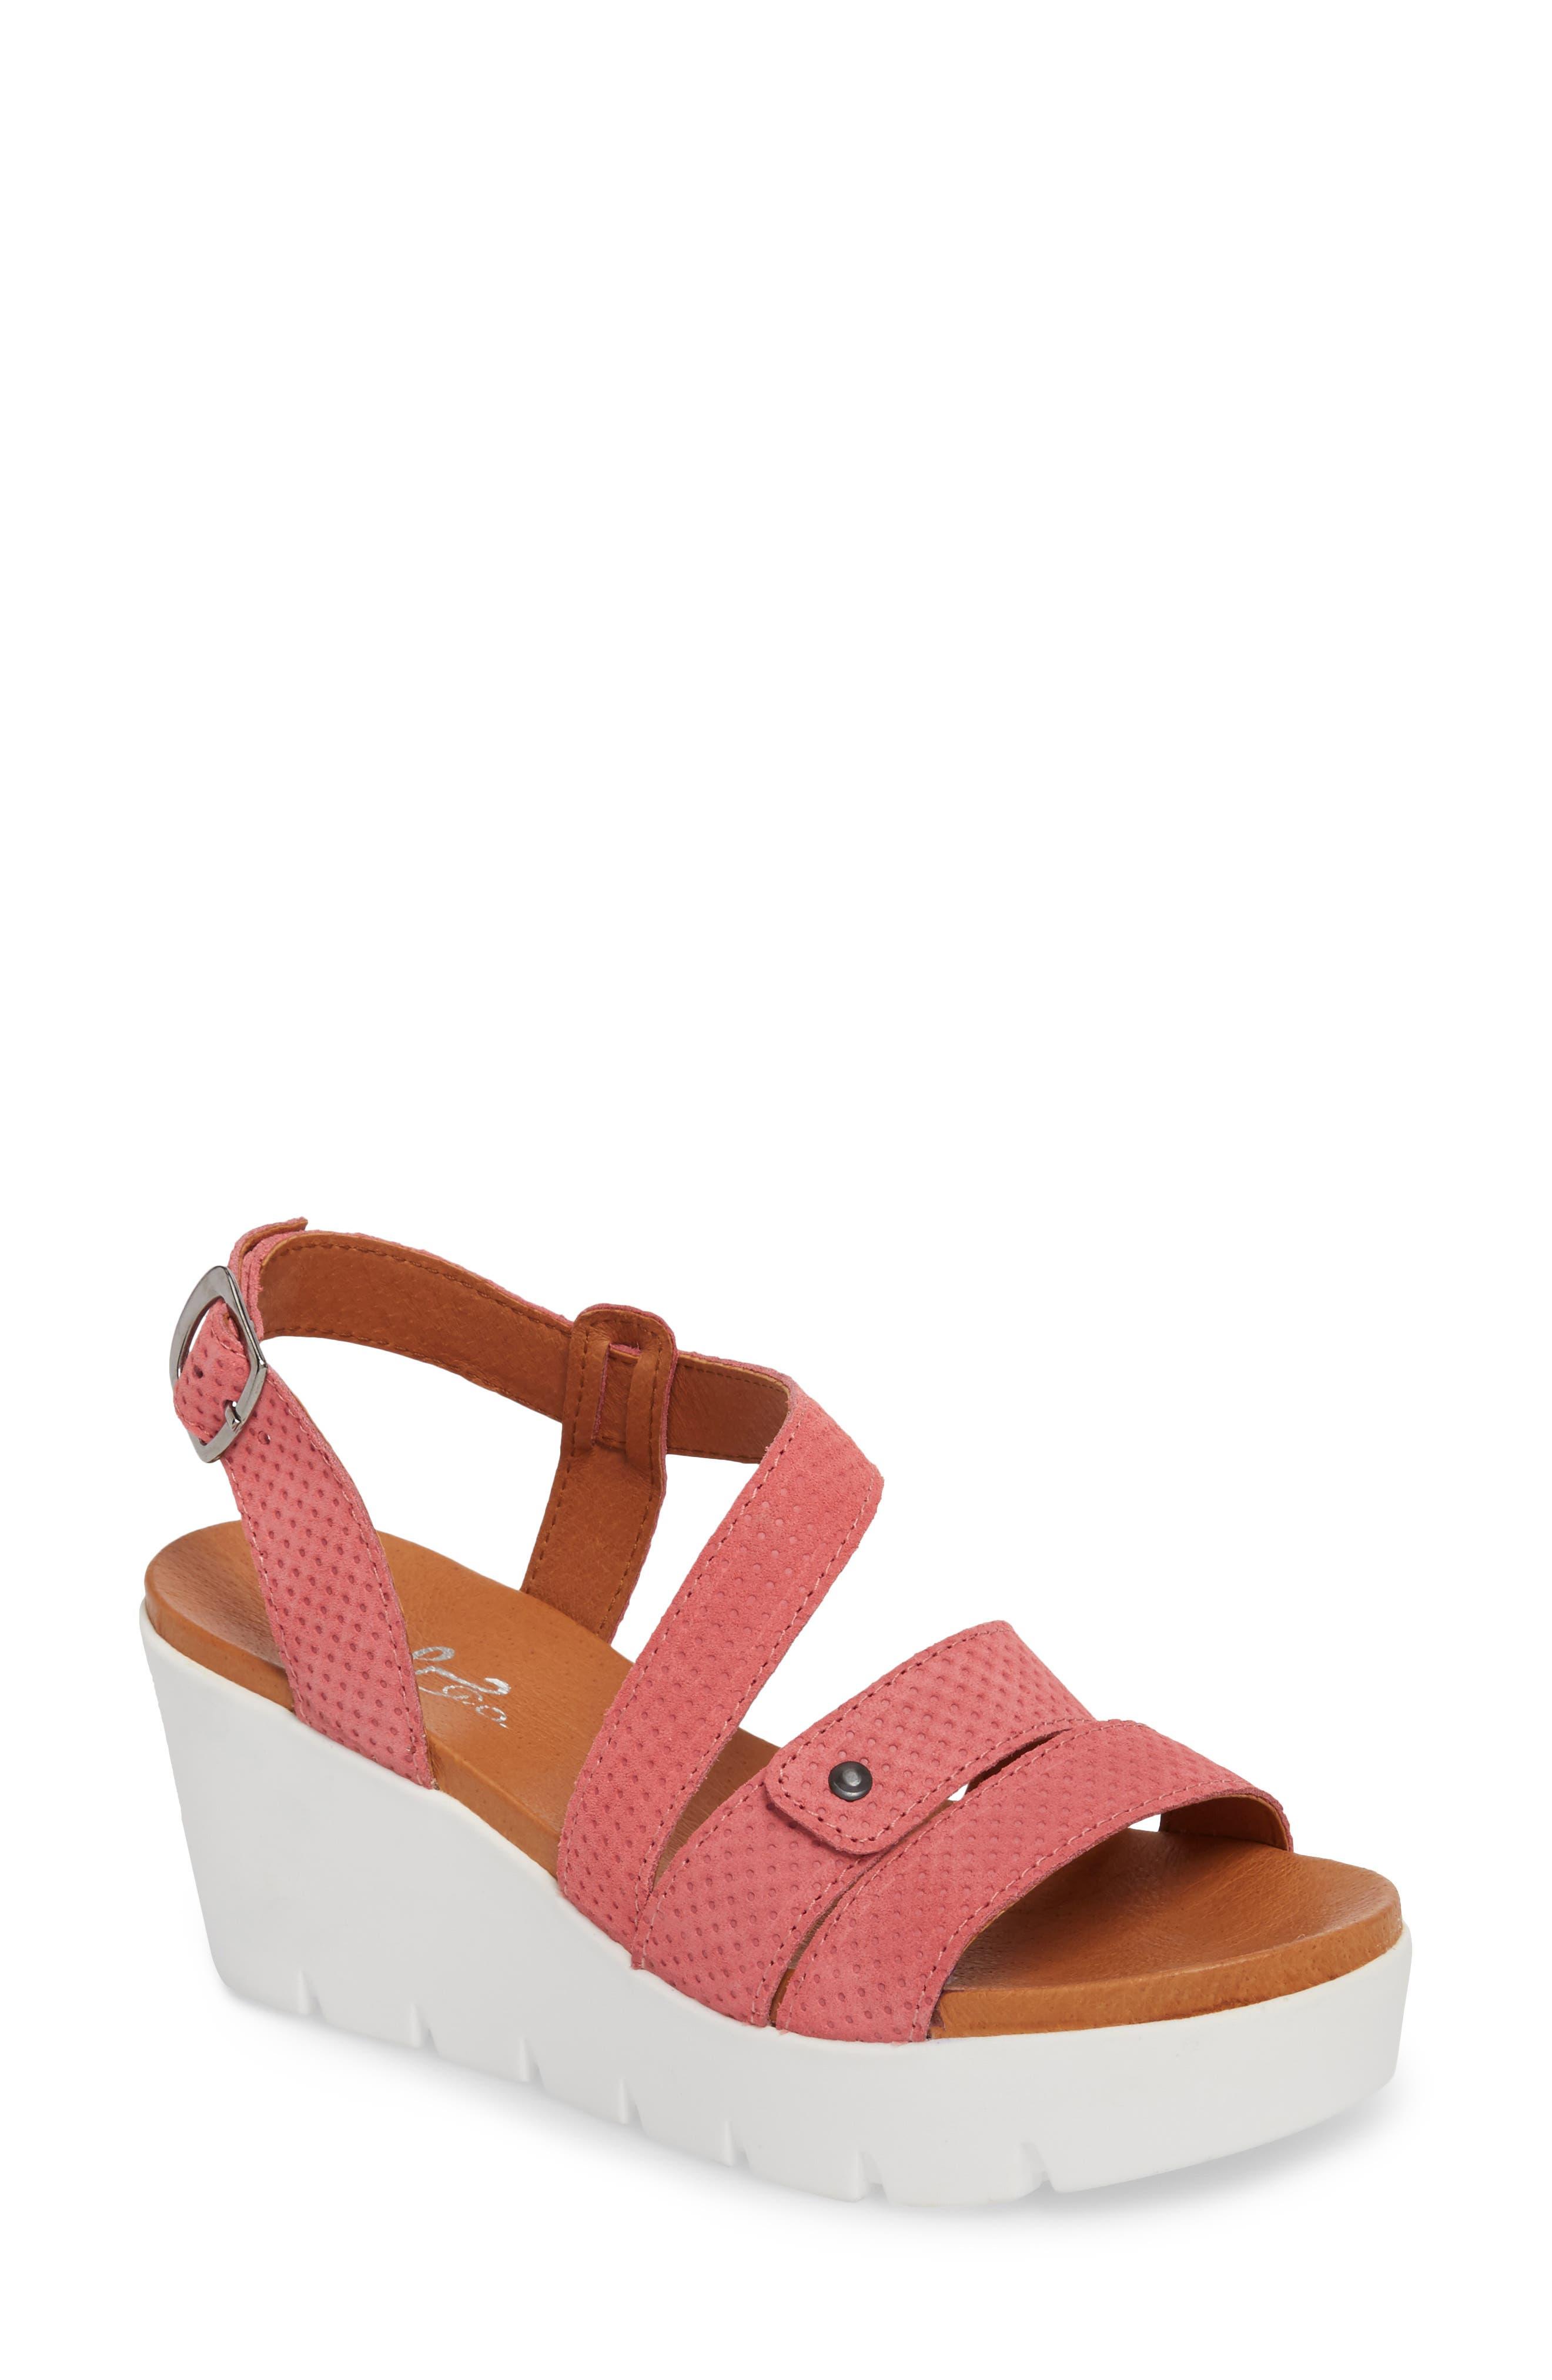 Bos. & Co. Sierra Platform Wedge Sandal - Pink